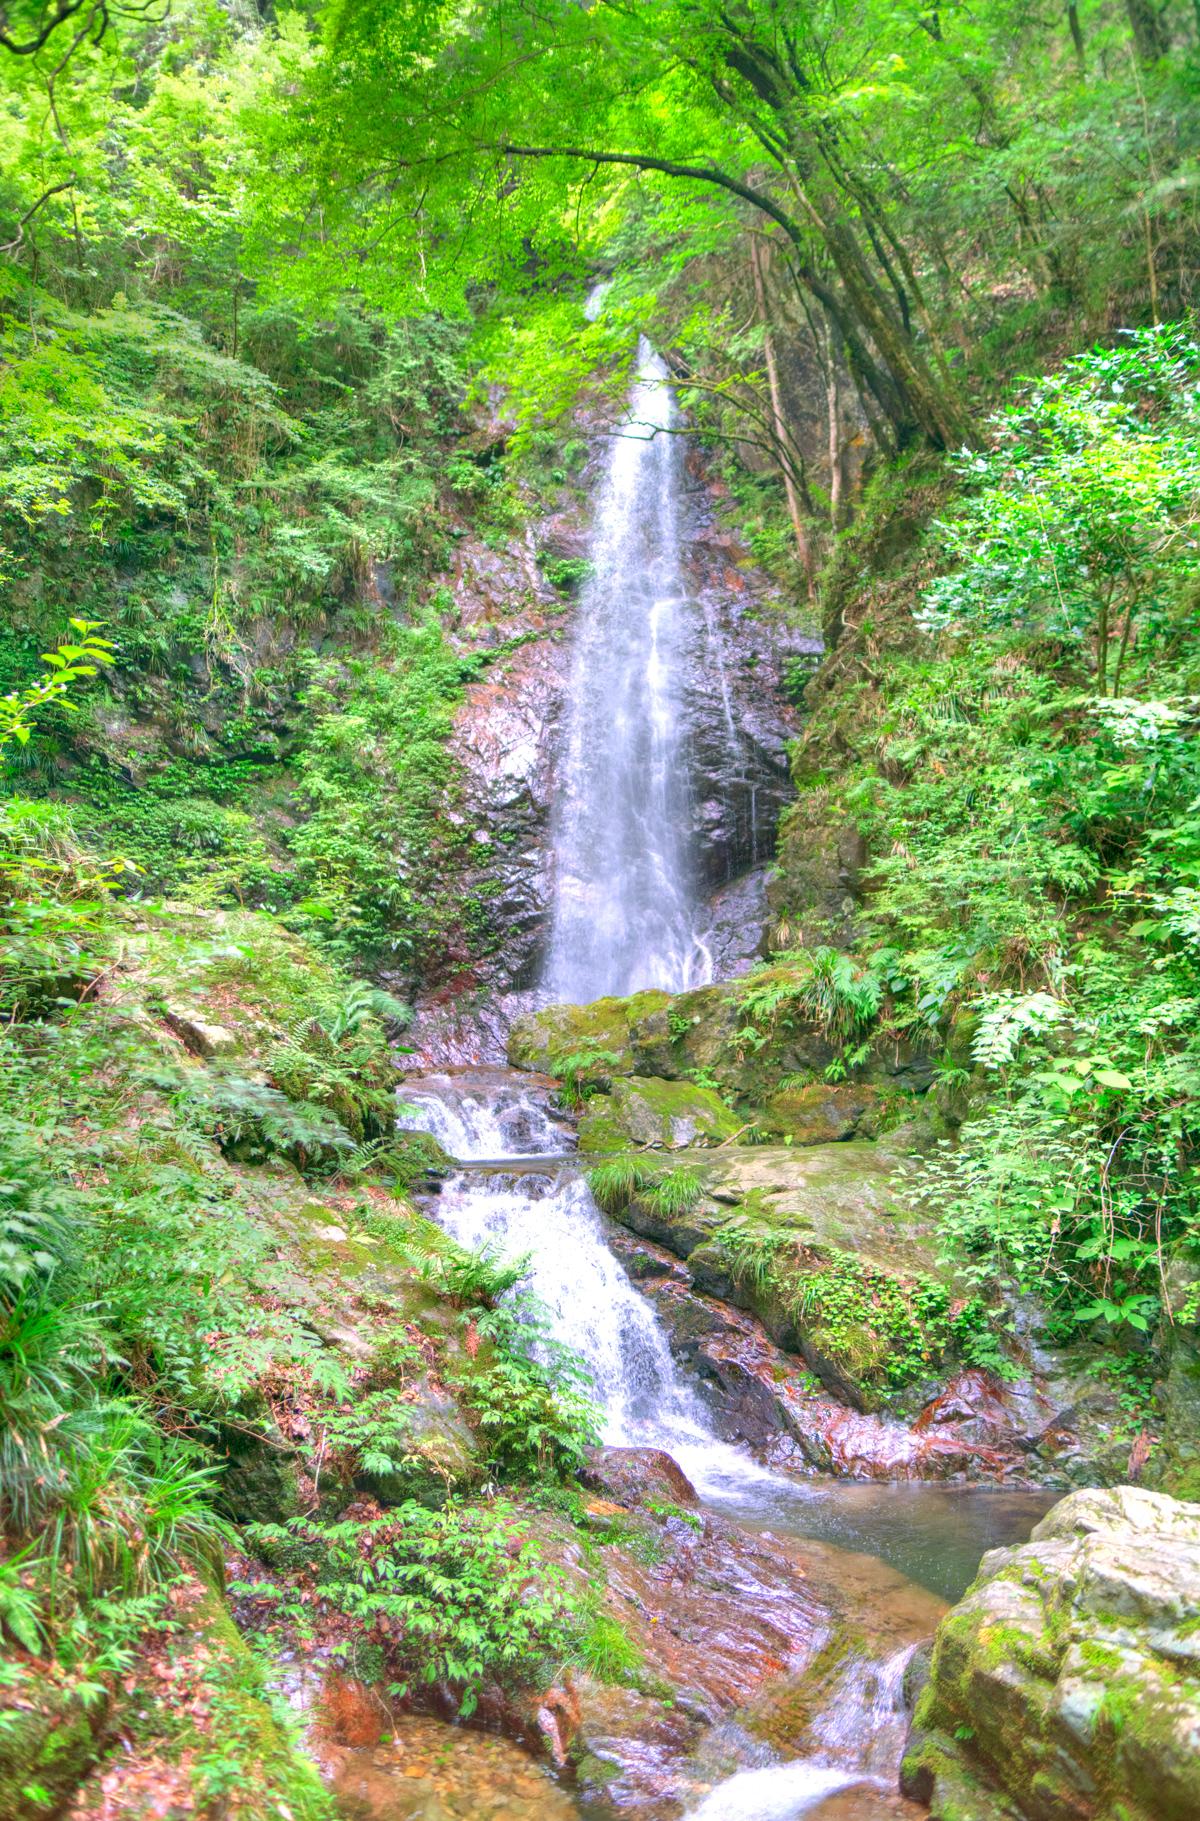 払沢の滝2